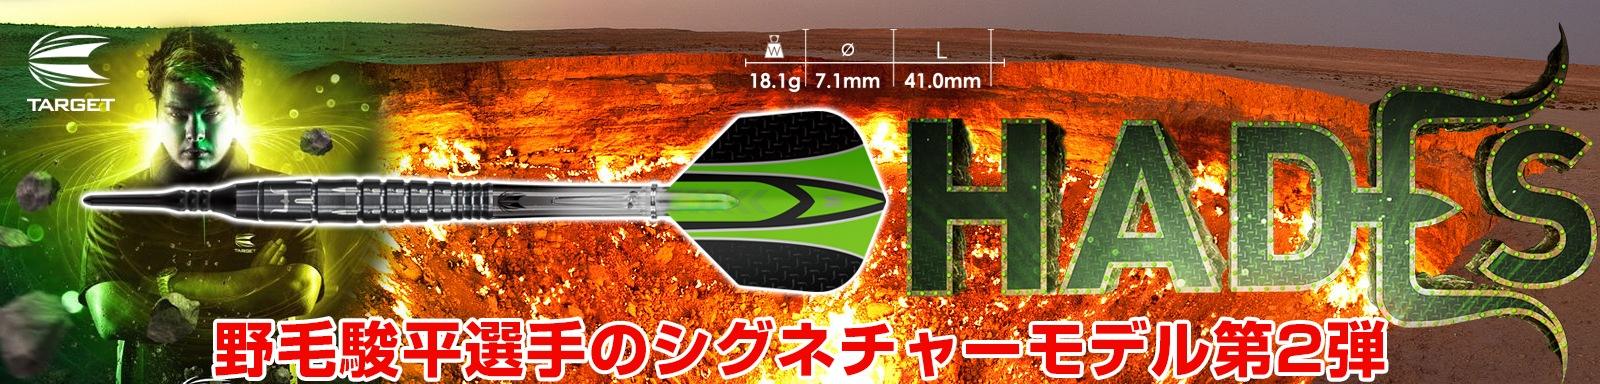 ダーツバレル HADES 野毛駿平モデル